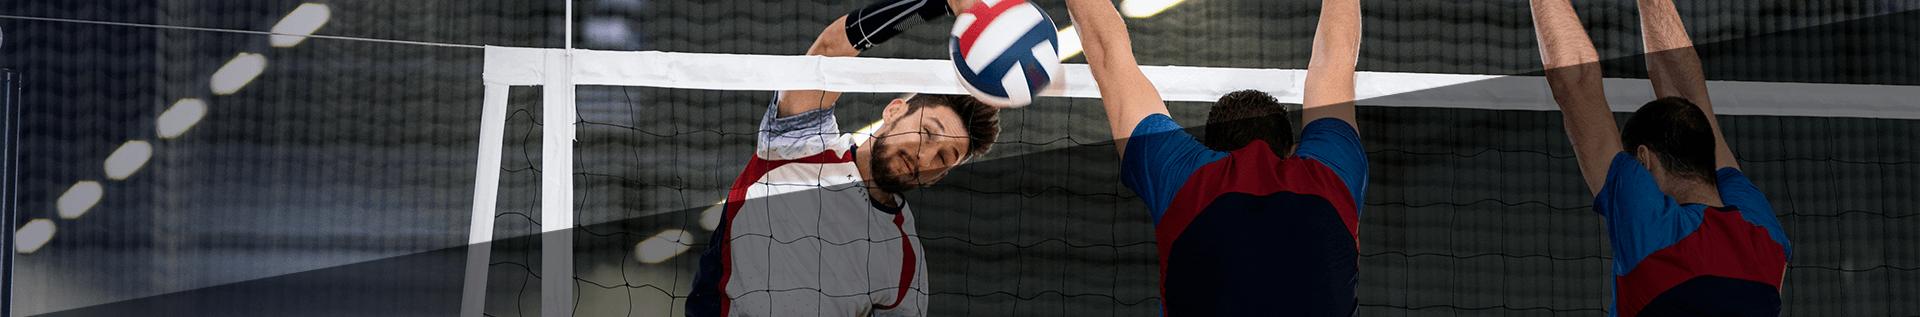 Волейбольні наколінники й налокітники